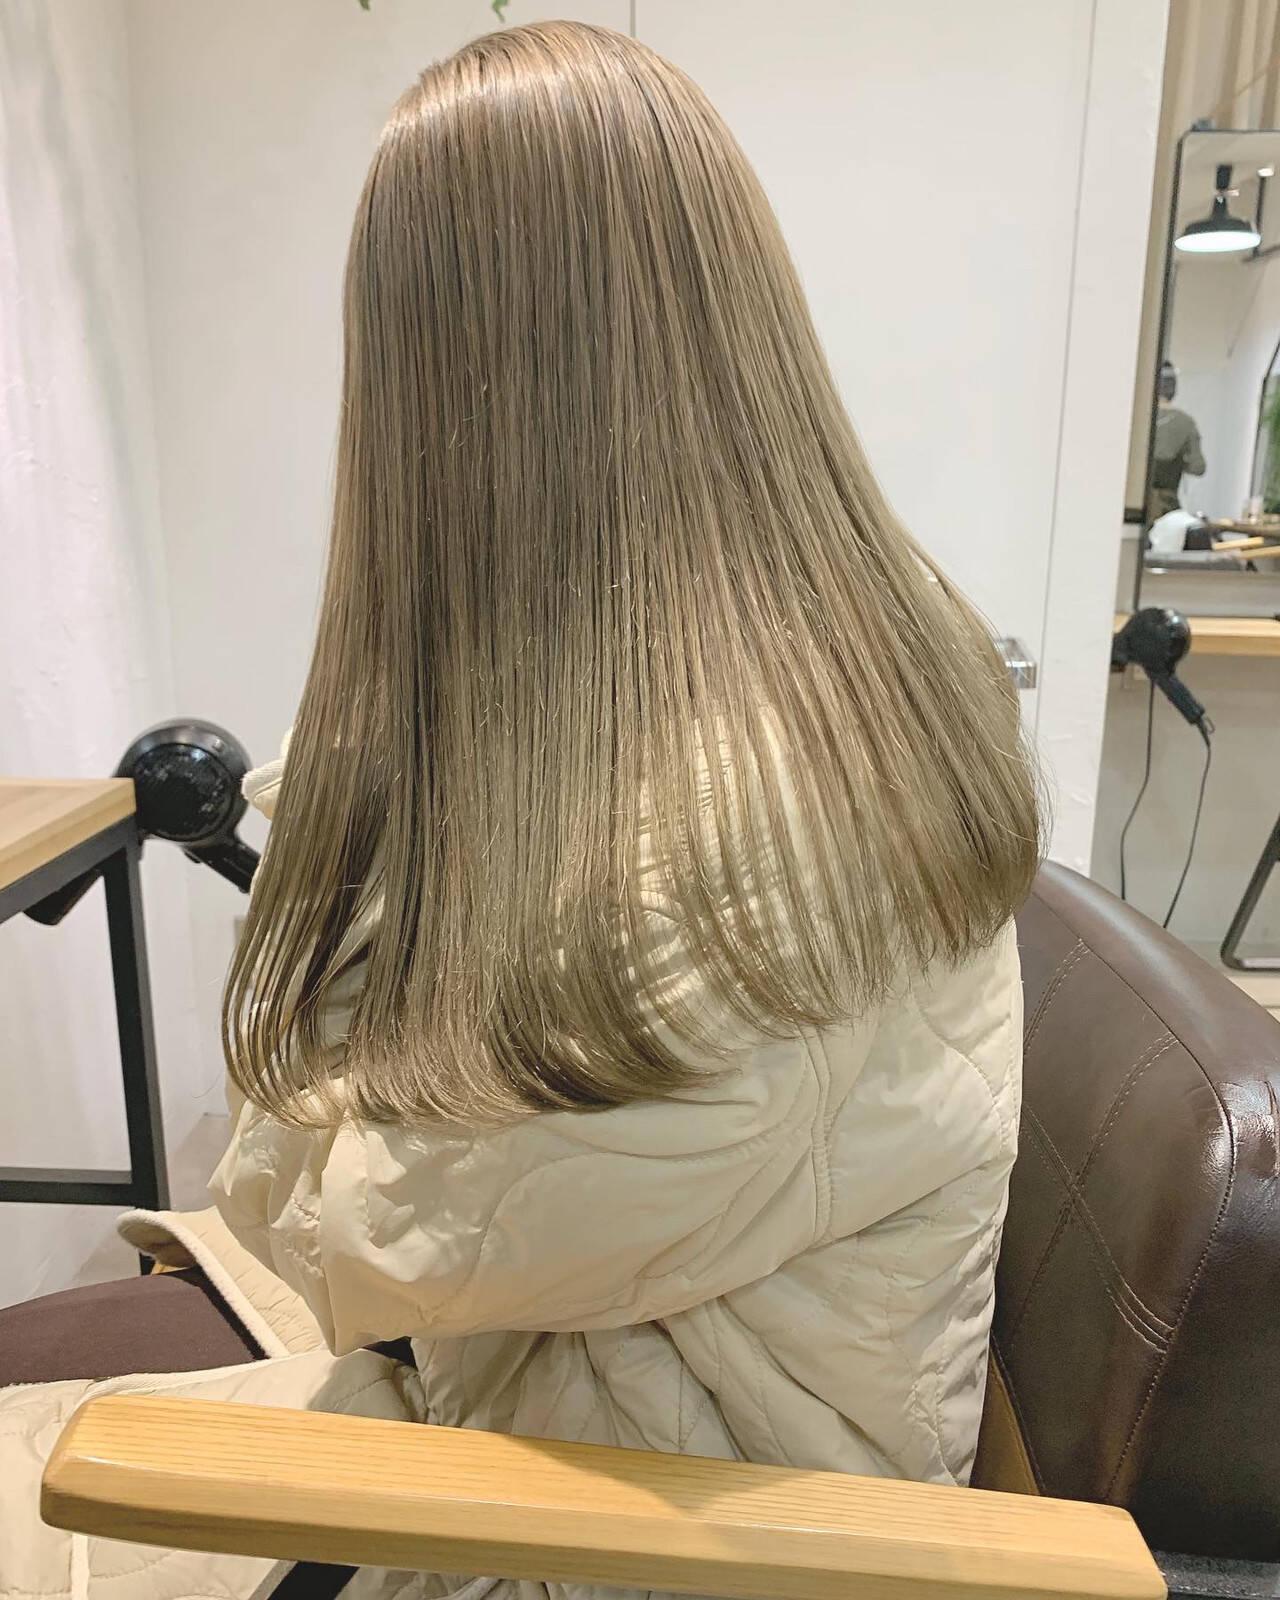 ナチュラル 透明感カラー ブリーチカラー ミルクティーベージュヘアスタイルや髪型の写真・画像